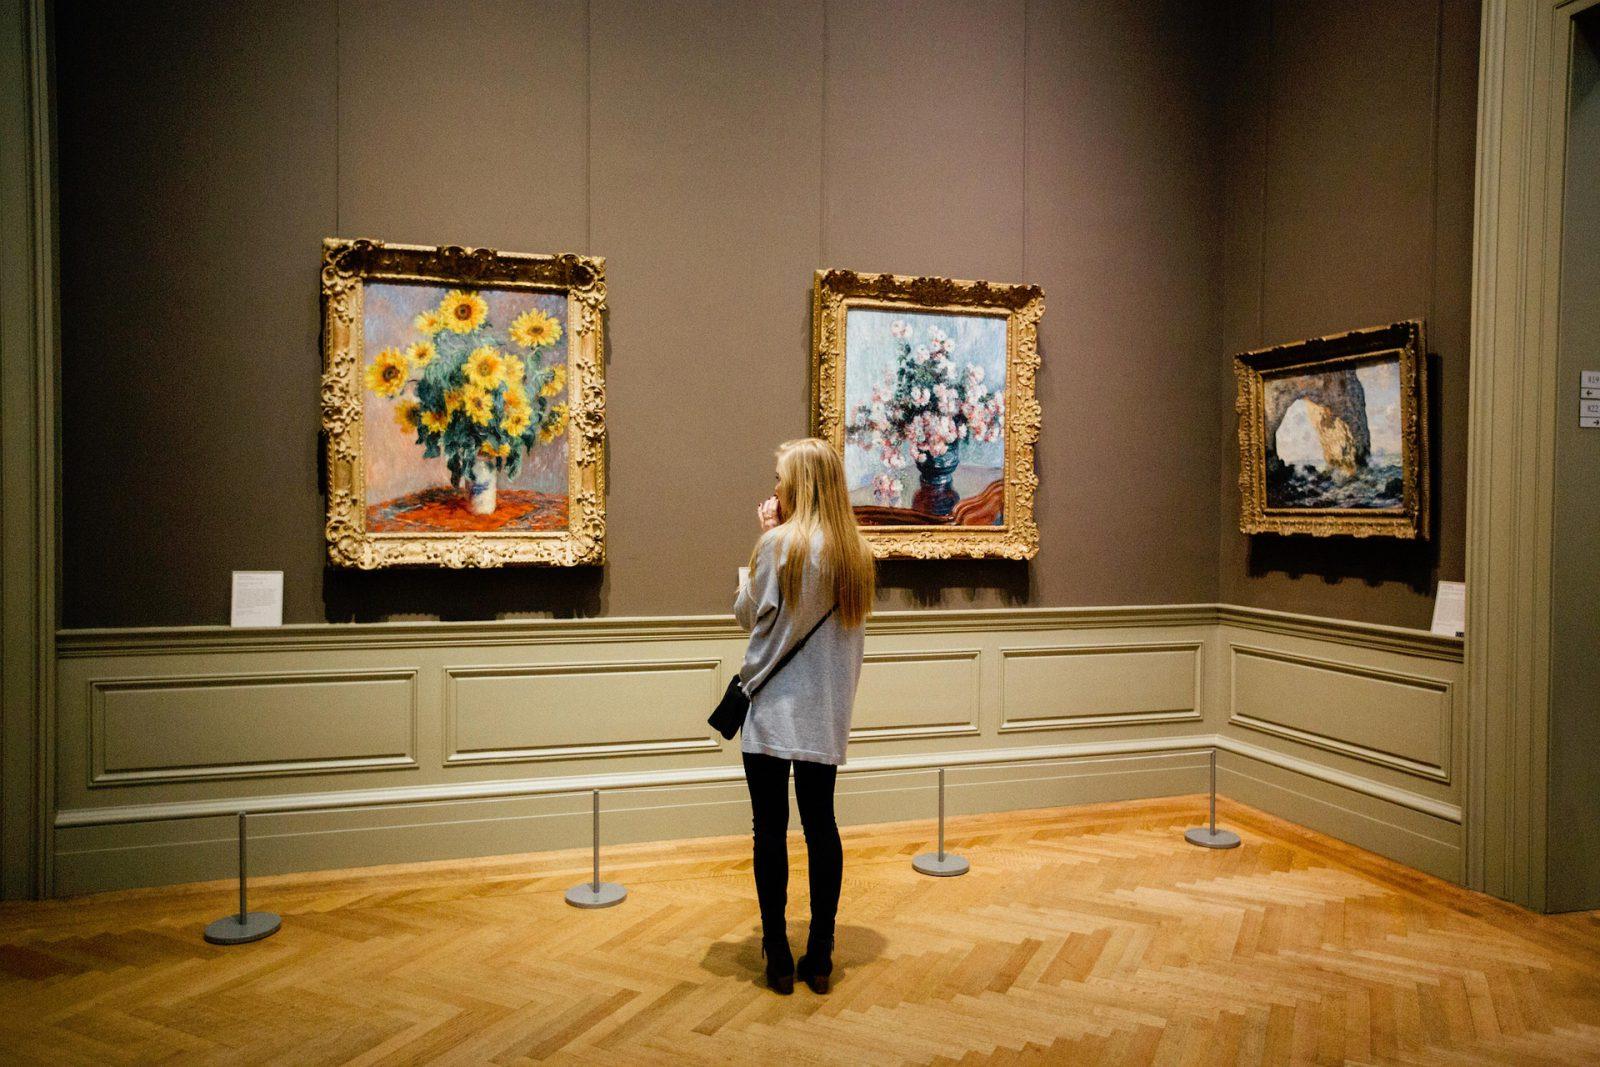 כרטיסים למוזיאונים